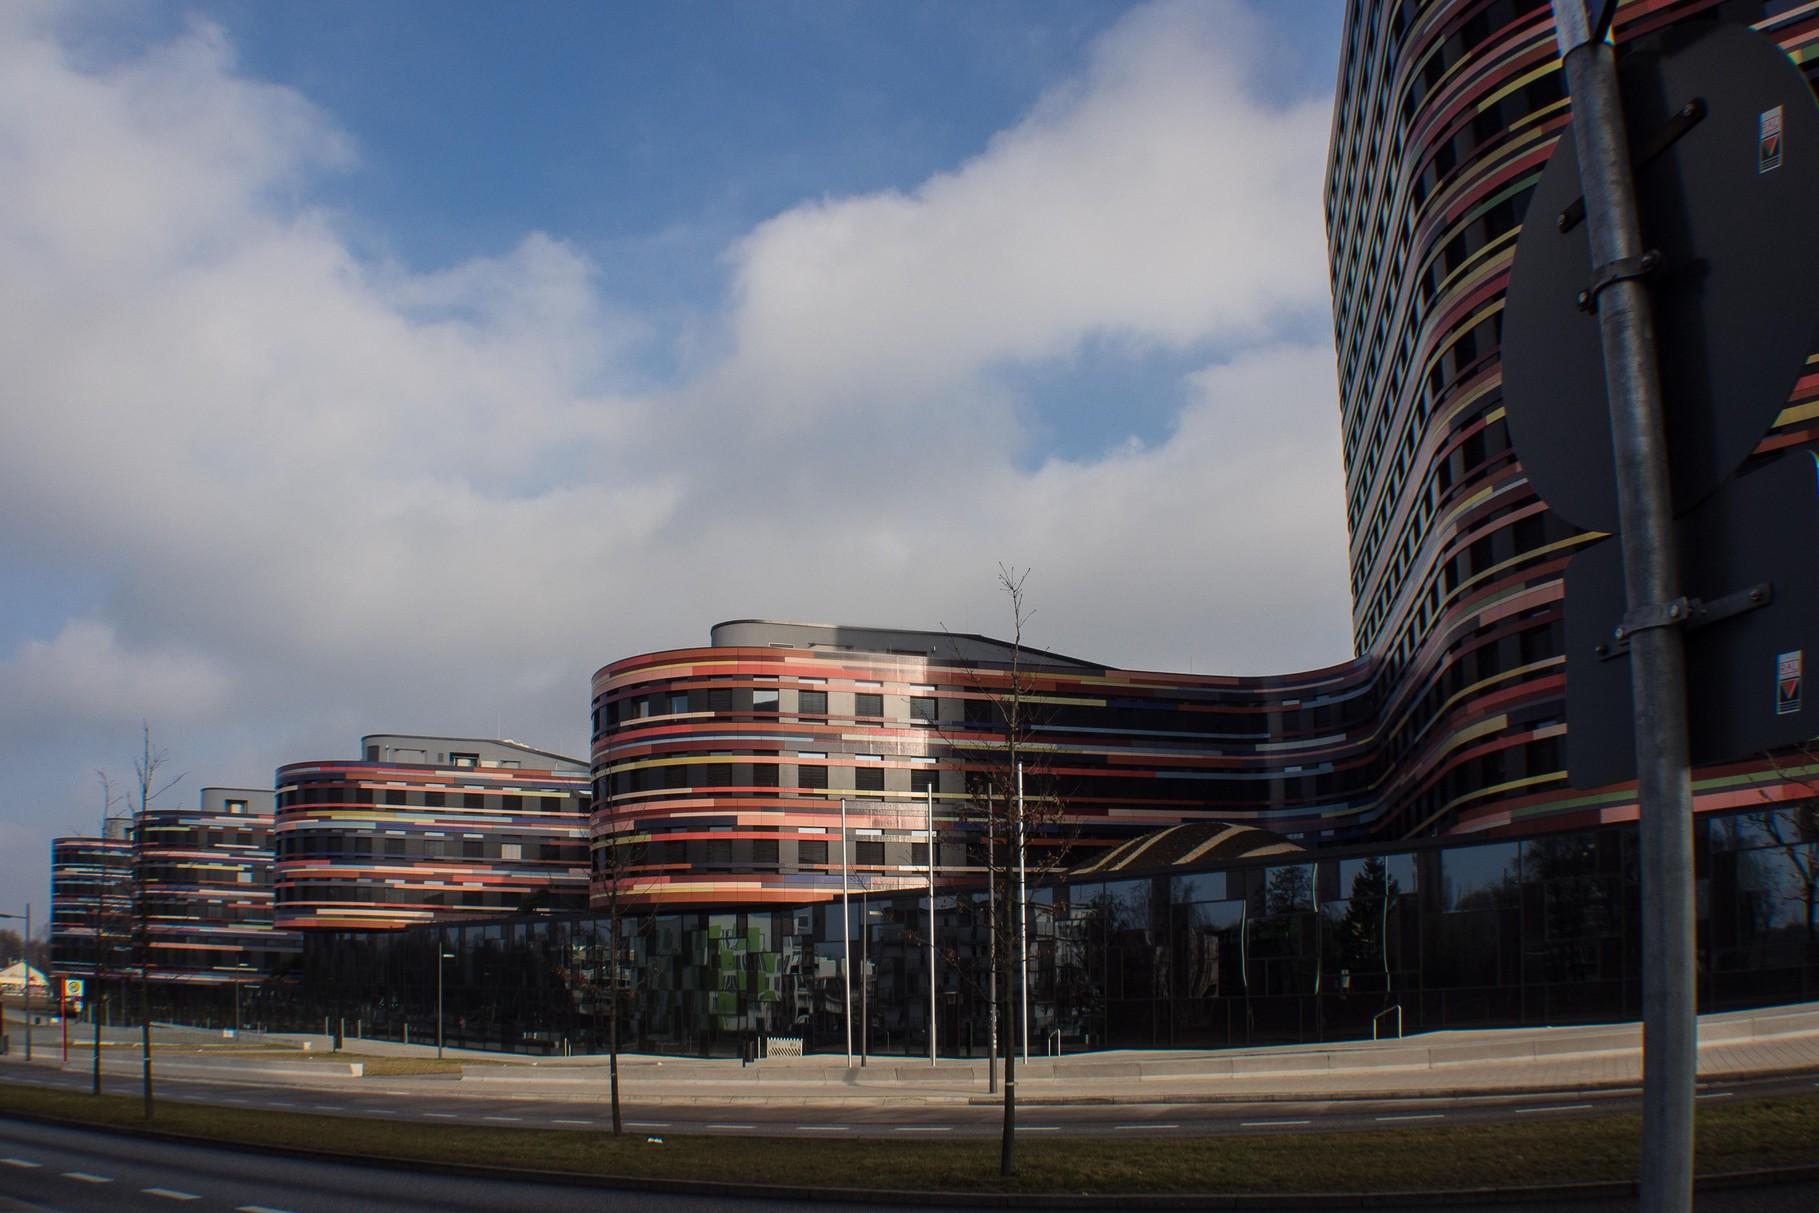 Behörde für Stadtentwicklung und Umwelt